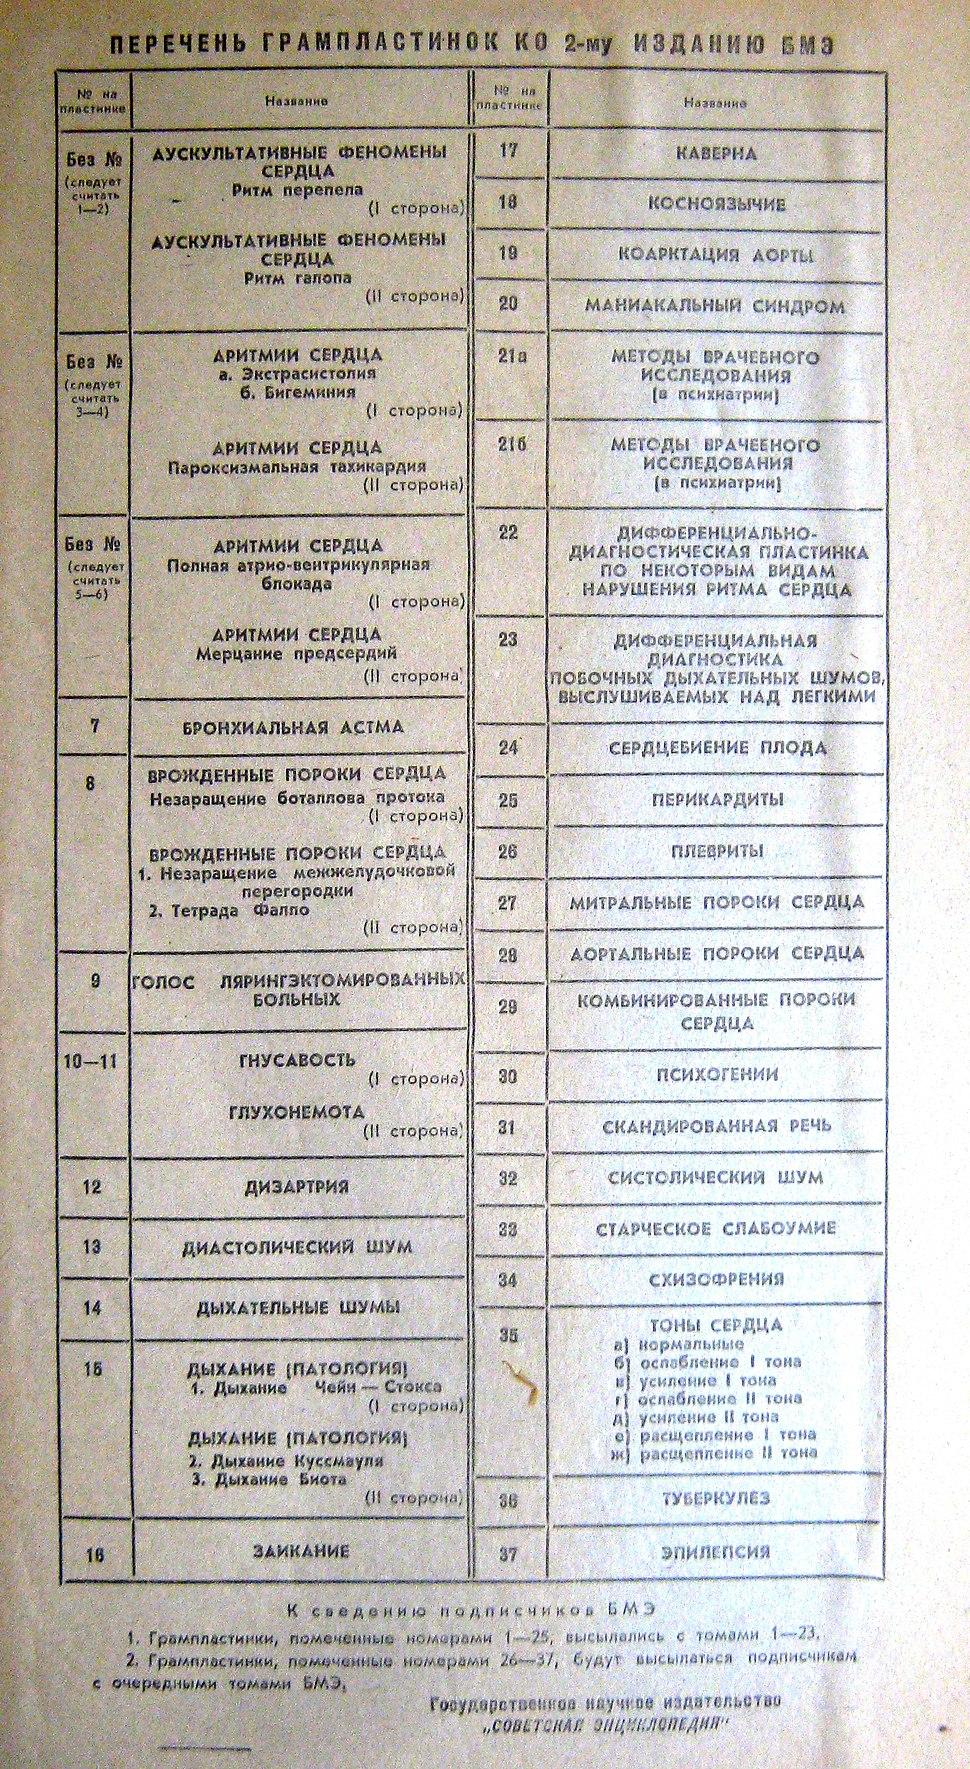 Большая медицинская энциклопедия - перечень грамластинок